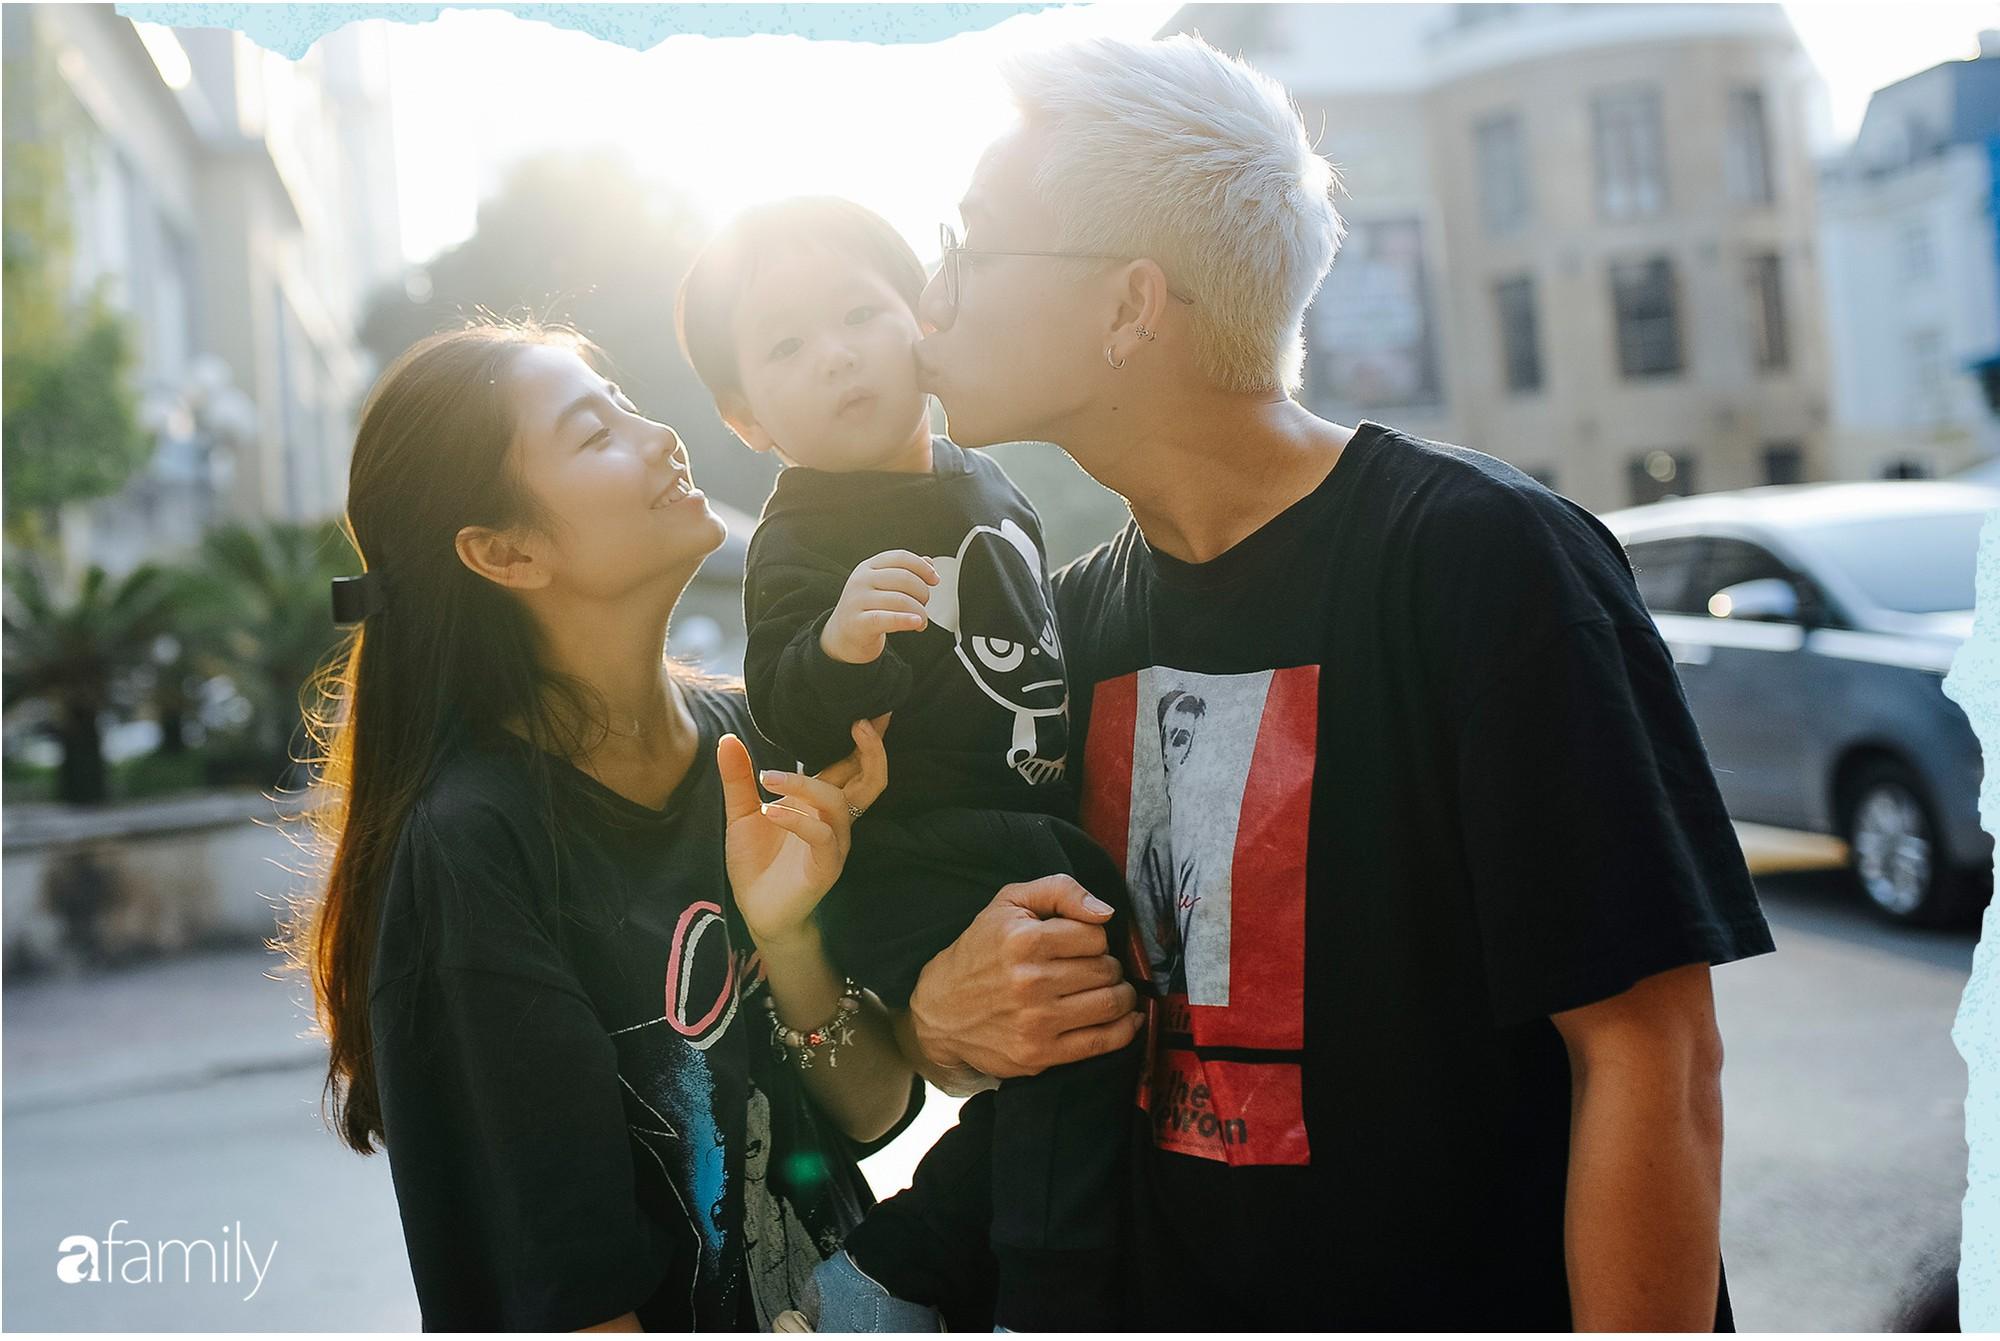 Gia đình thế hệ mới Ba Duy - Nam Thương: Kết hôn sớm, làm bố mẹ trẻ nhưng bọn mình chưa bao giờ thôi hạnh phúc - Ảnh 4.